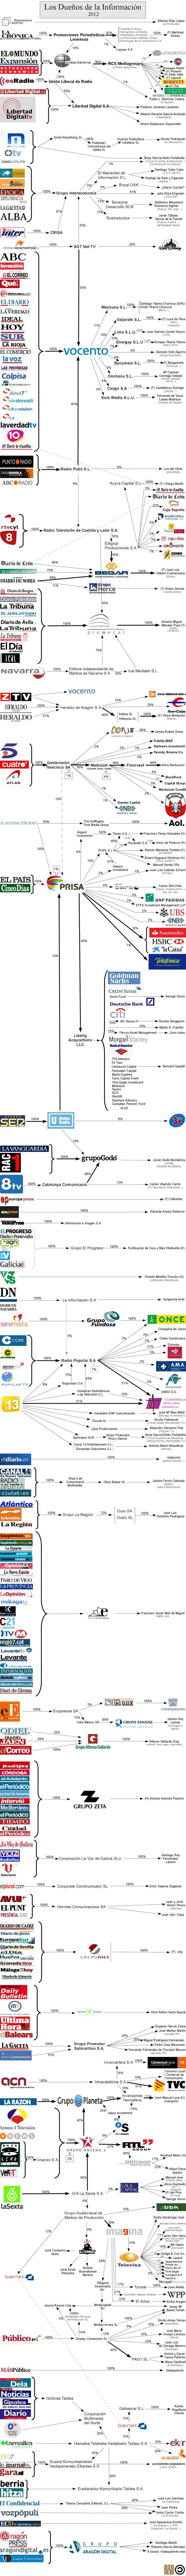 Los dueños de la información en España Medios